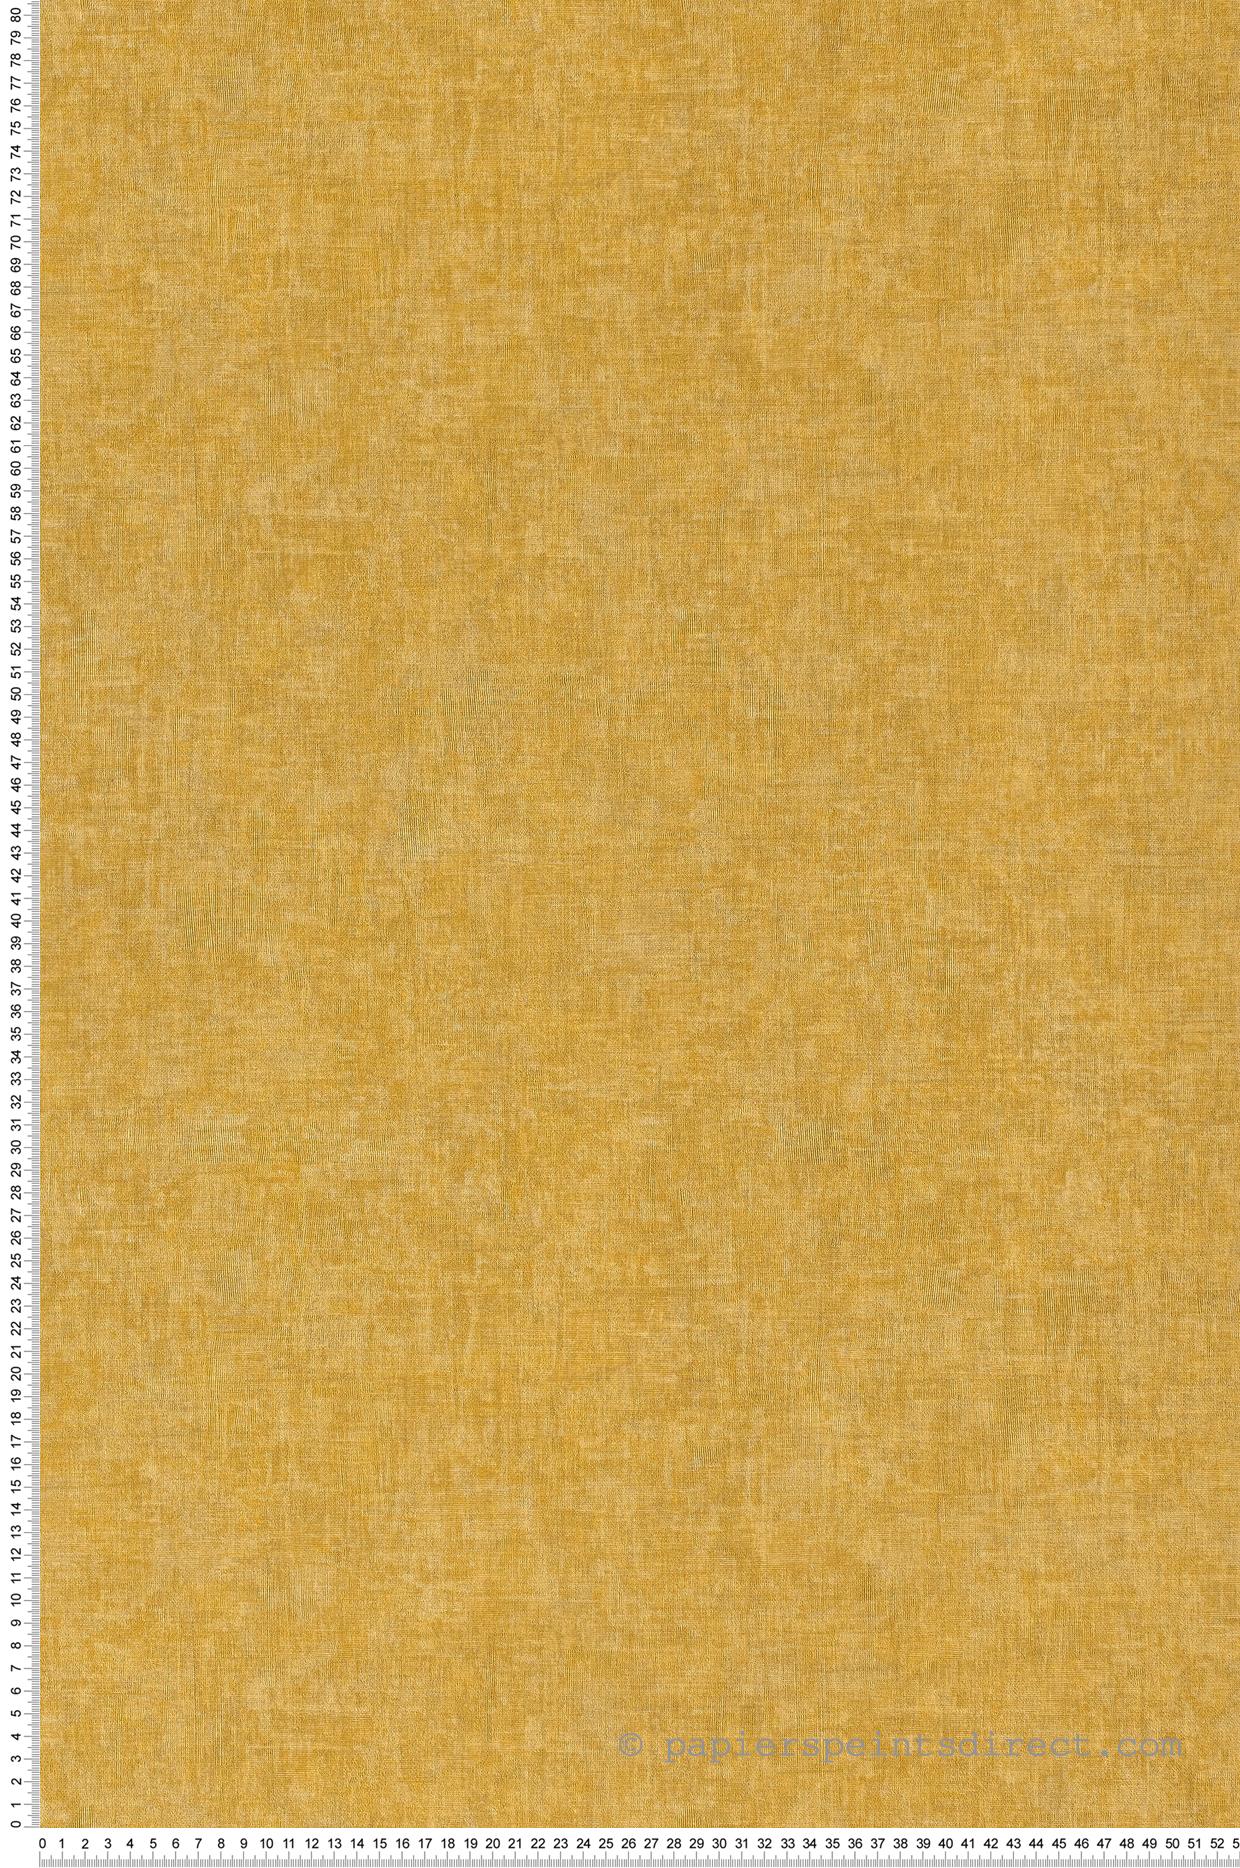 Papier Peint Jaune Moutarde papier peint william jaune moutarde - chelsea de casadeco